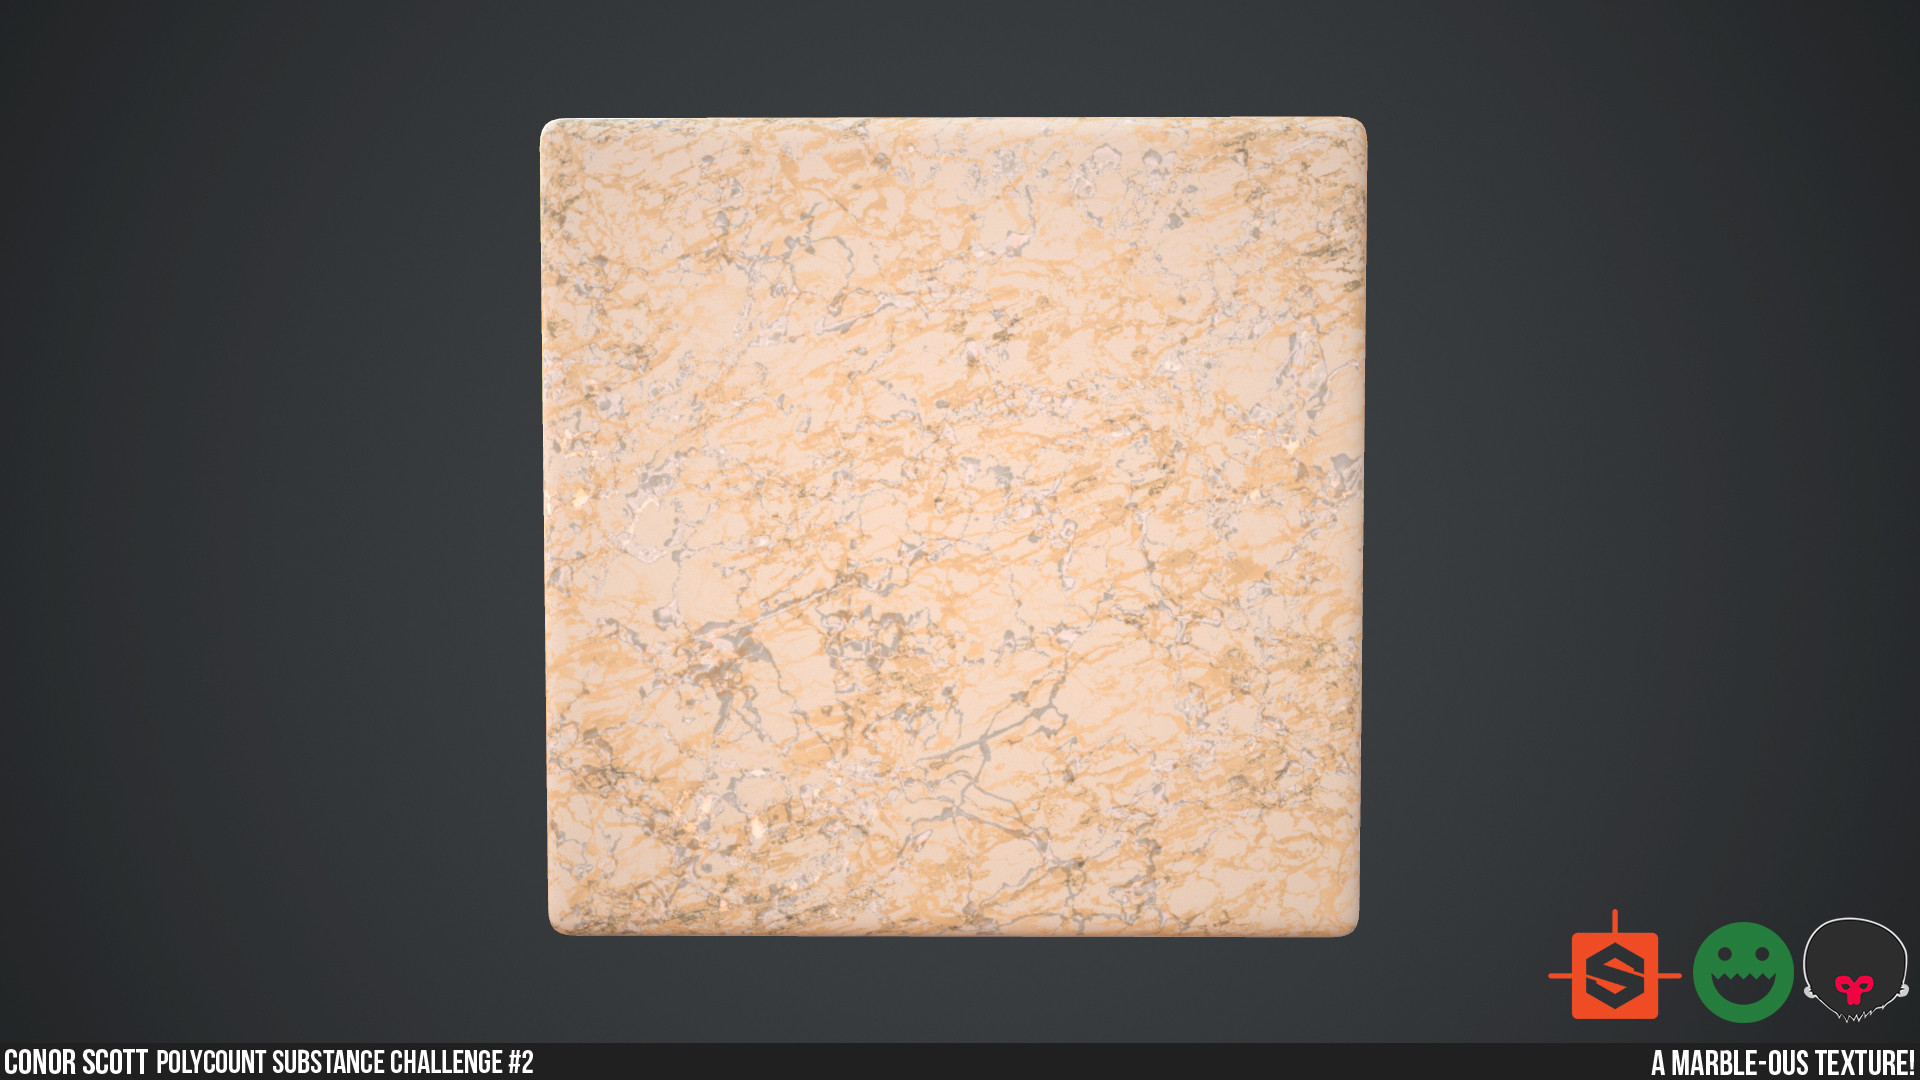 Conor scott marble